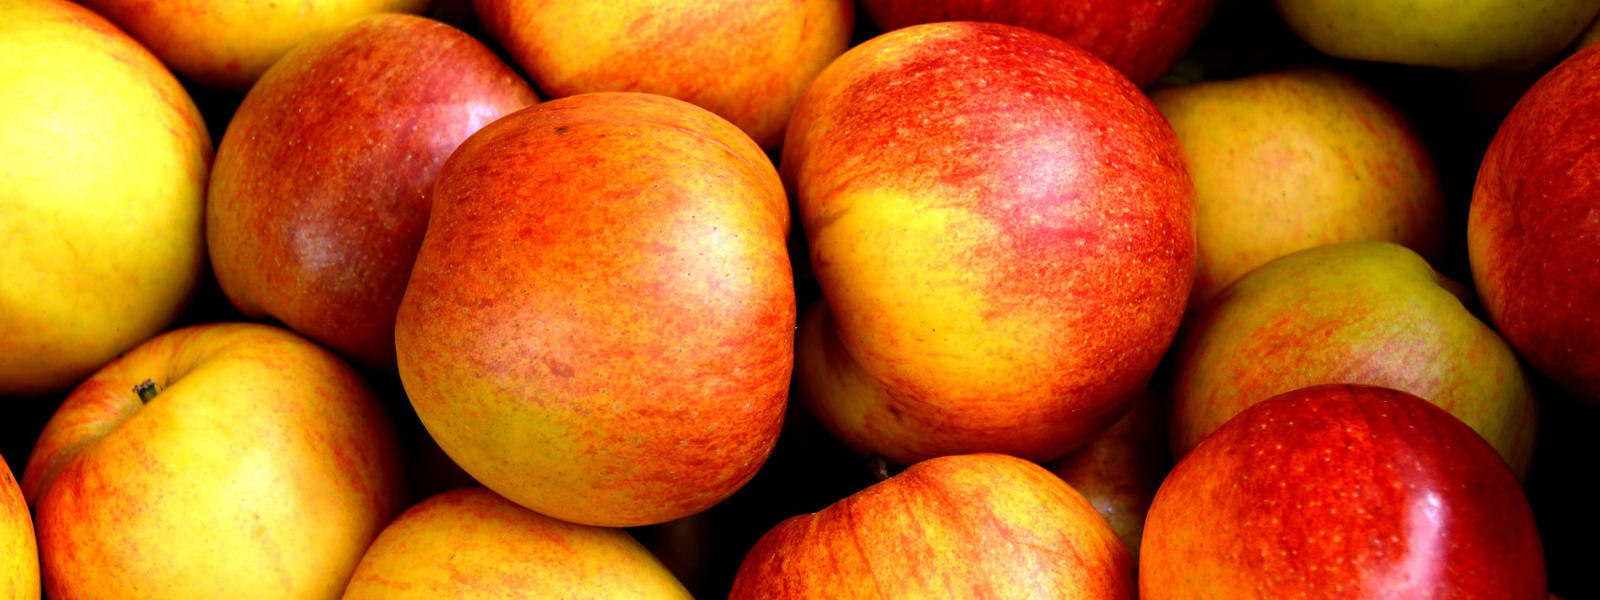 manzanas-banner